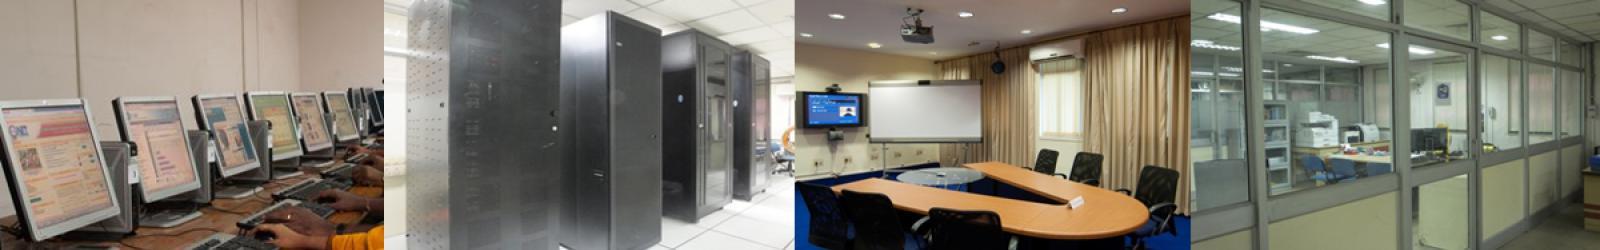 IT Facility